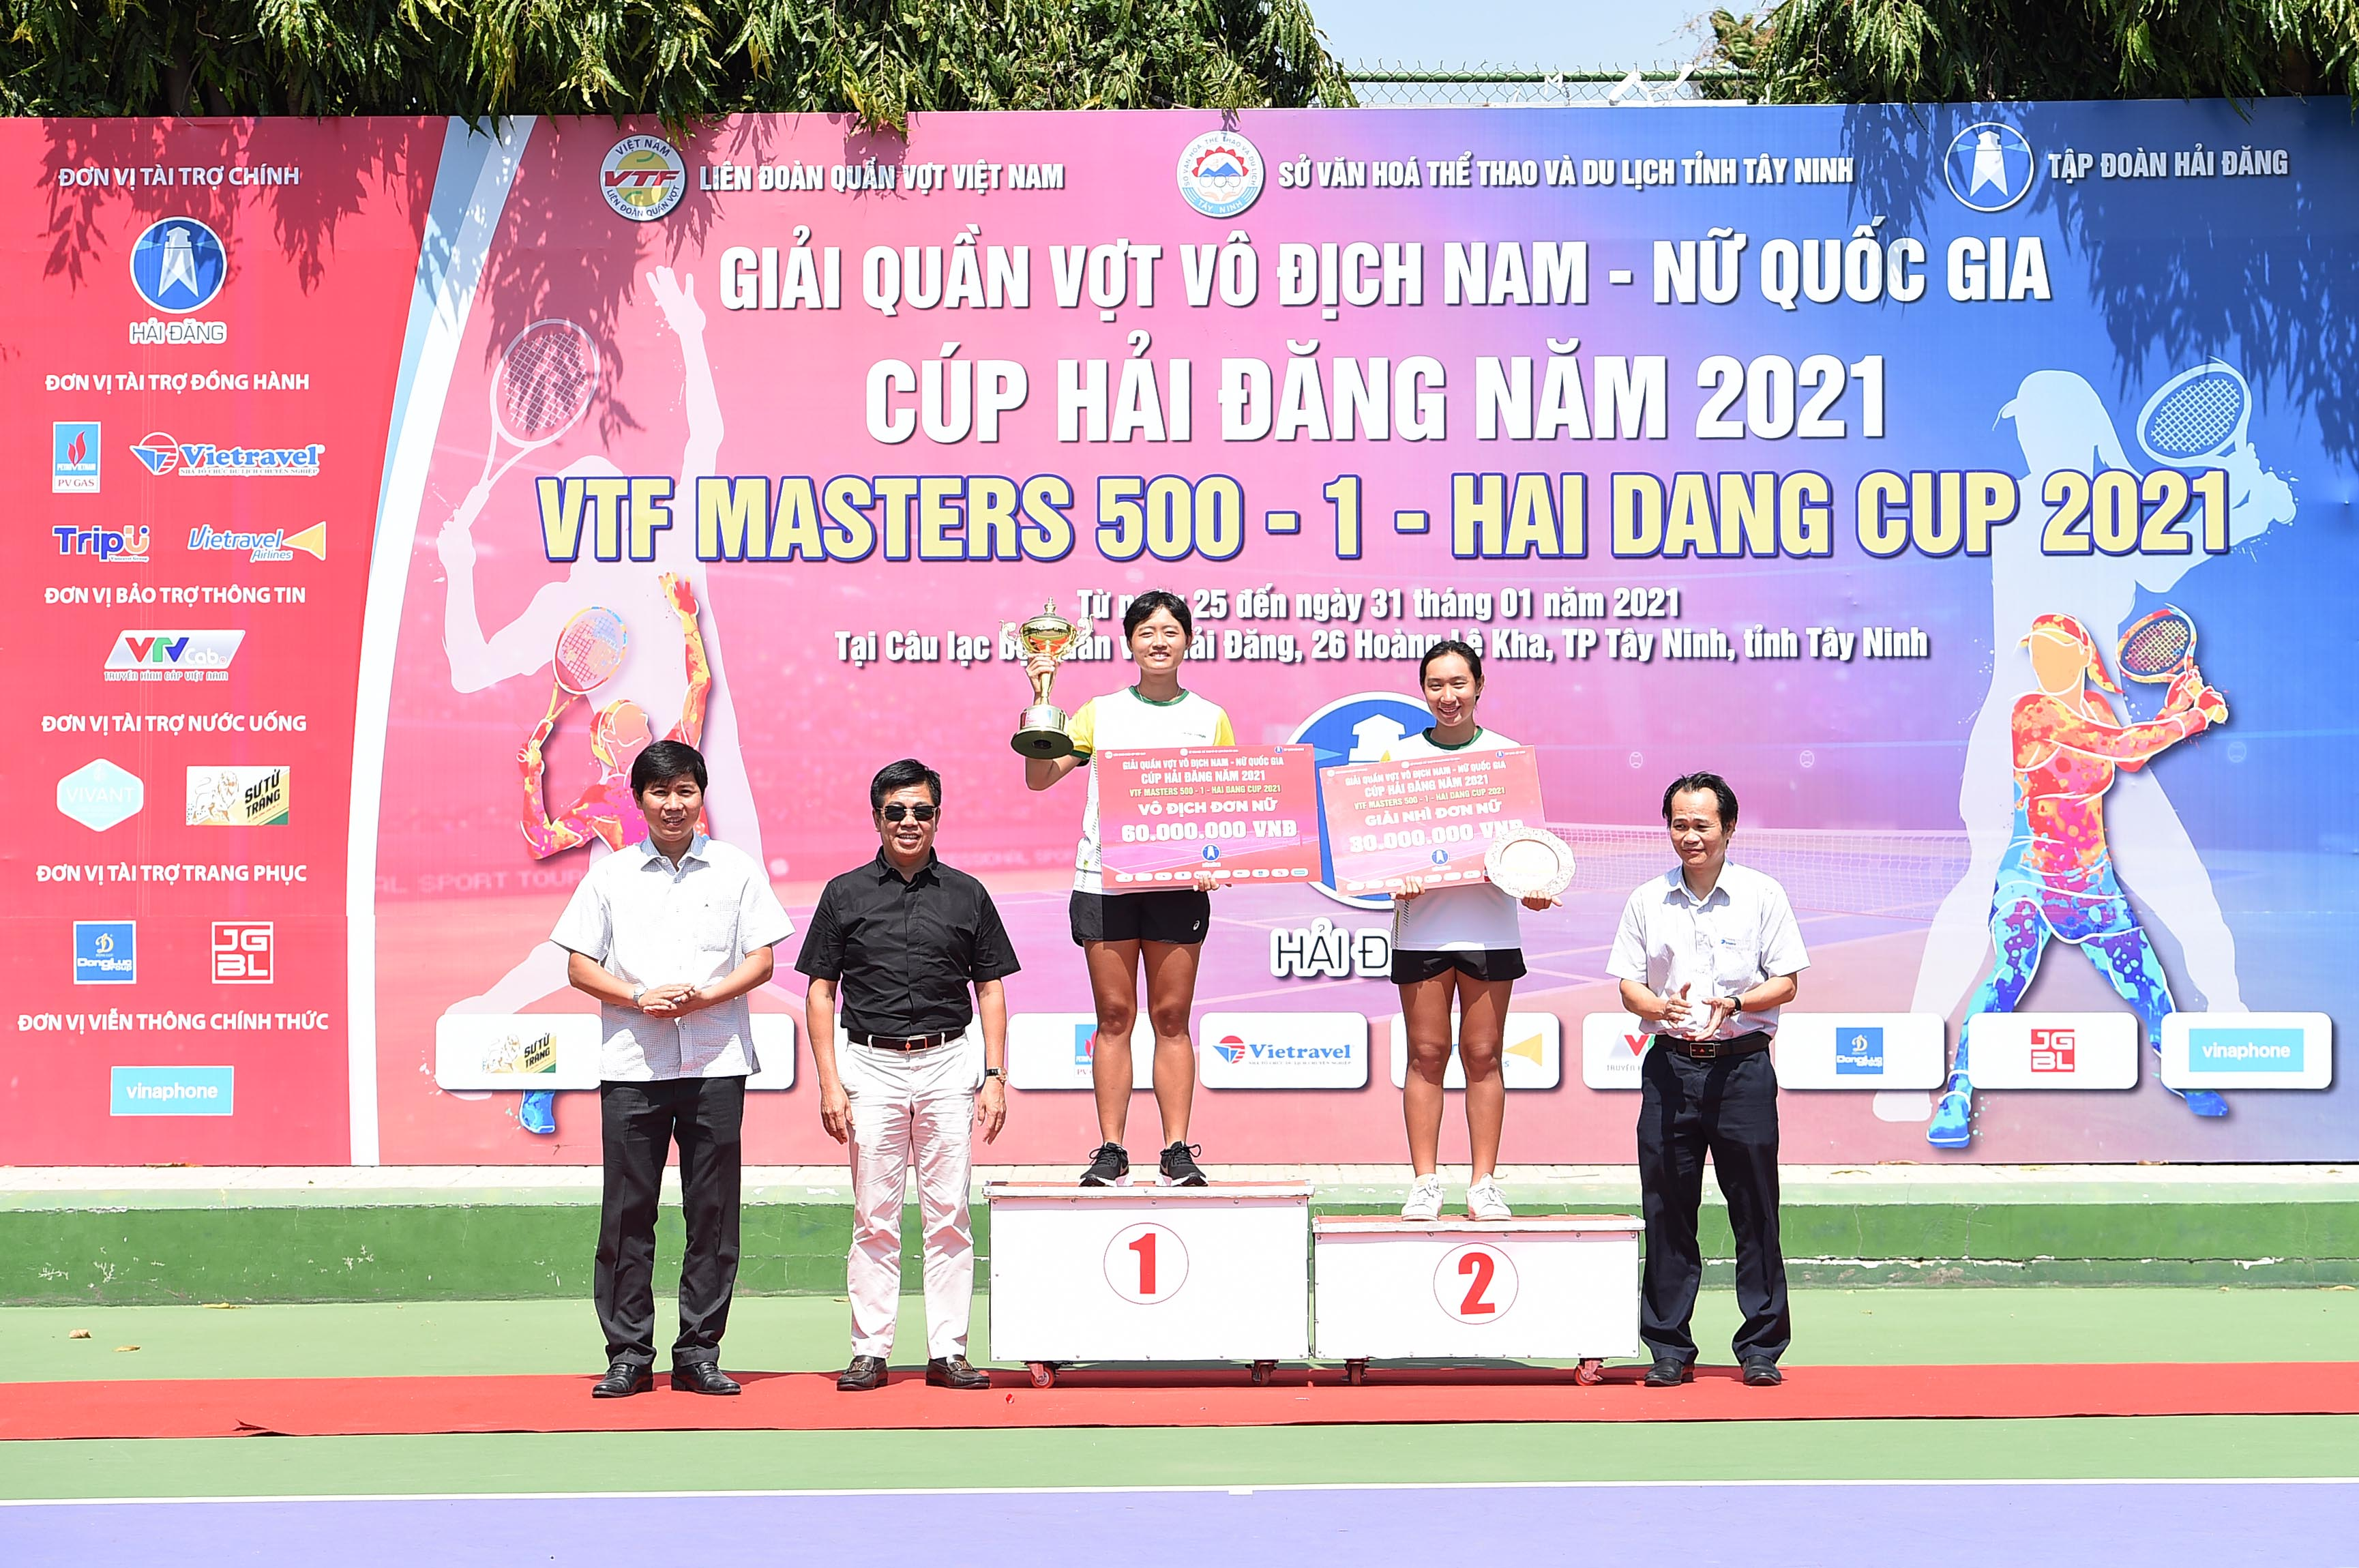 Hình ảnh: Hoàng Nam giành cú đúp vô địch VTF Masters 500 – 1 – Hai Dang Cup 2021 số 4